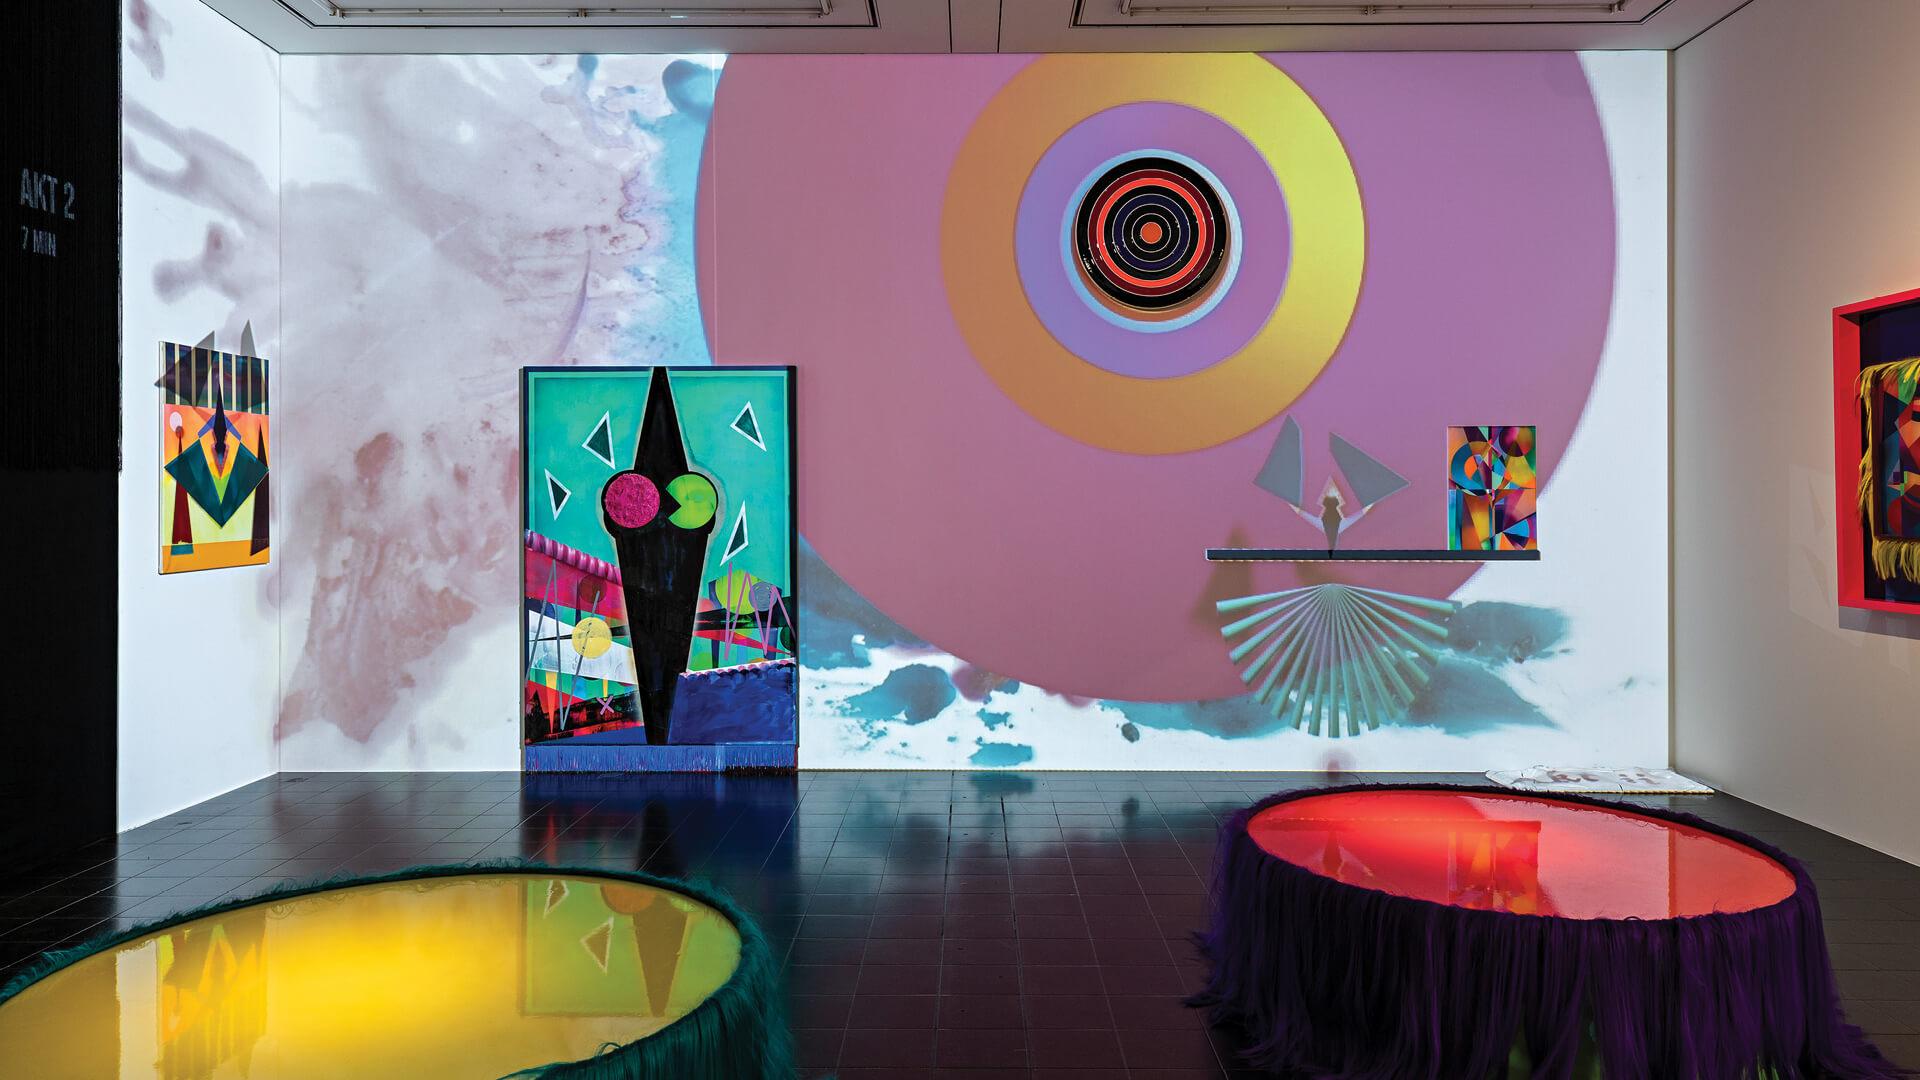 Installation view of Lüde in VII Ekcten (2020) by Dana Greiner at the Hamburger Kunsthalle | The Absurd Beauty of Space | Dana Greiner| STIRworld